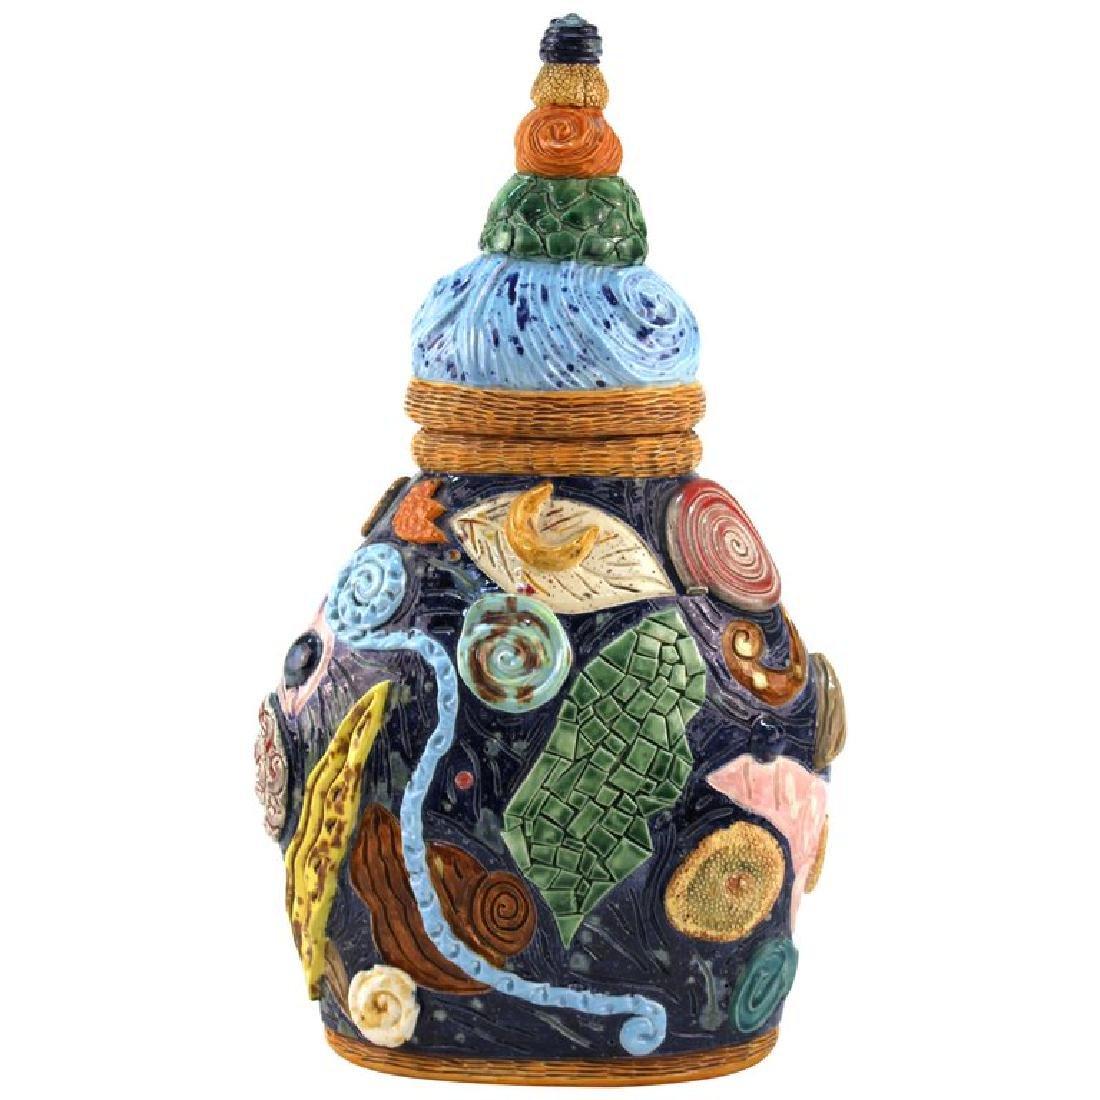 Postmodern Memphis Manner Art Pottery Covered Urn